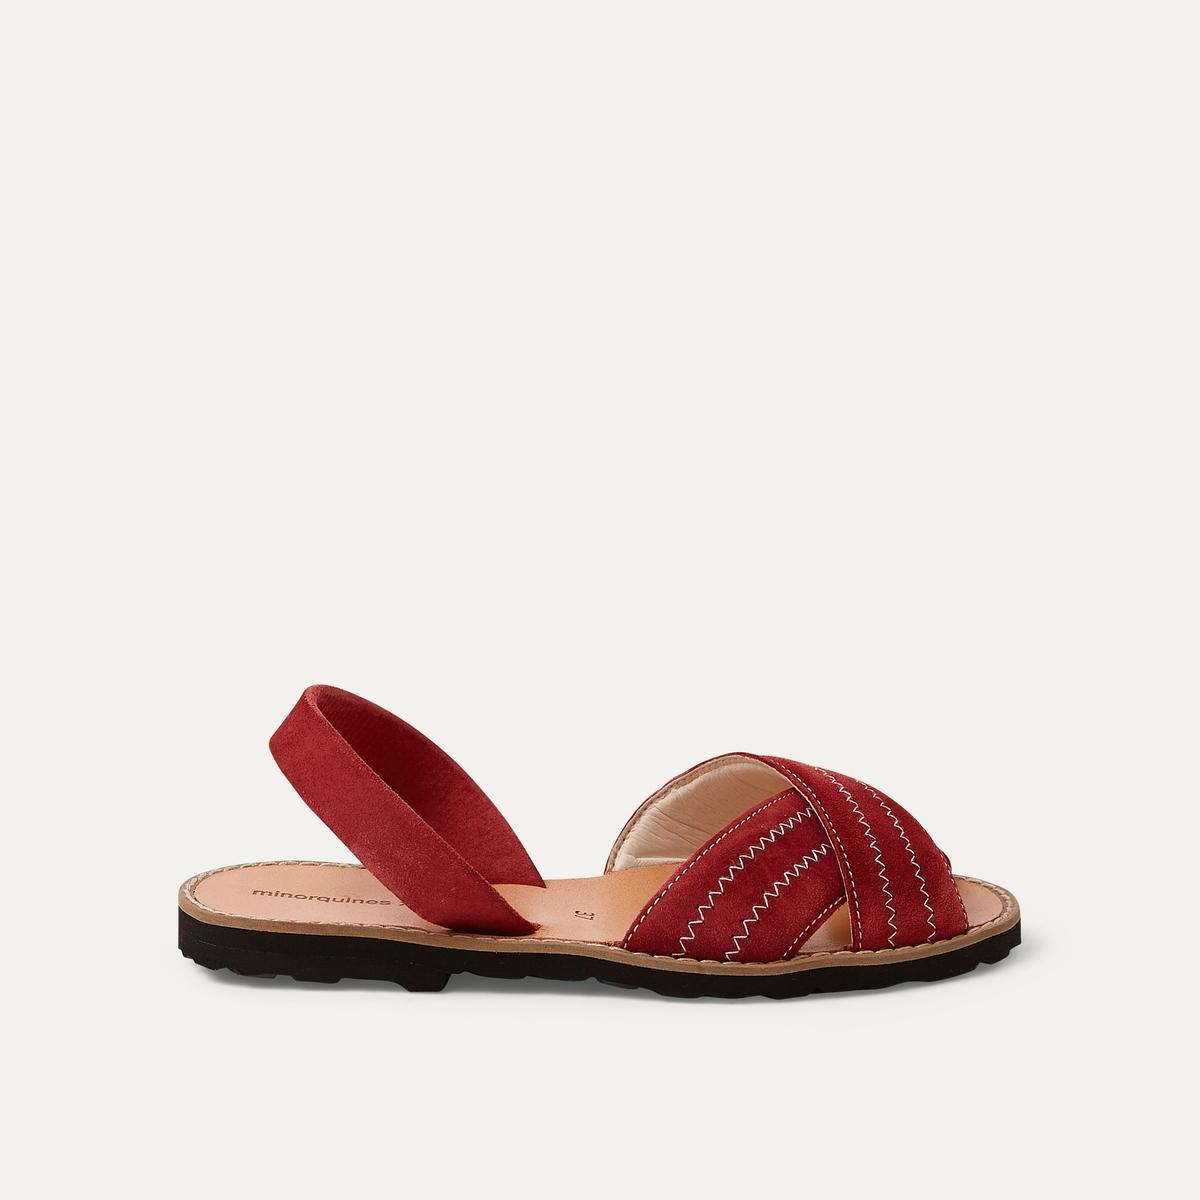 Босоножки кожаныеОписание:Детали  •  Плоский каблук •  Застежка : без застежки •  Открытый мысок •  Велюровая отделка, нубукСостав и уход  •  Верх 100% кожа •  Подошва 100% ЭВА<br><br>Цвет: бордовый,песочный<br>Размер: 38.41.40.39